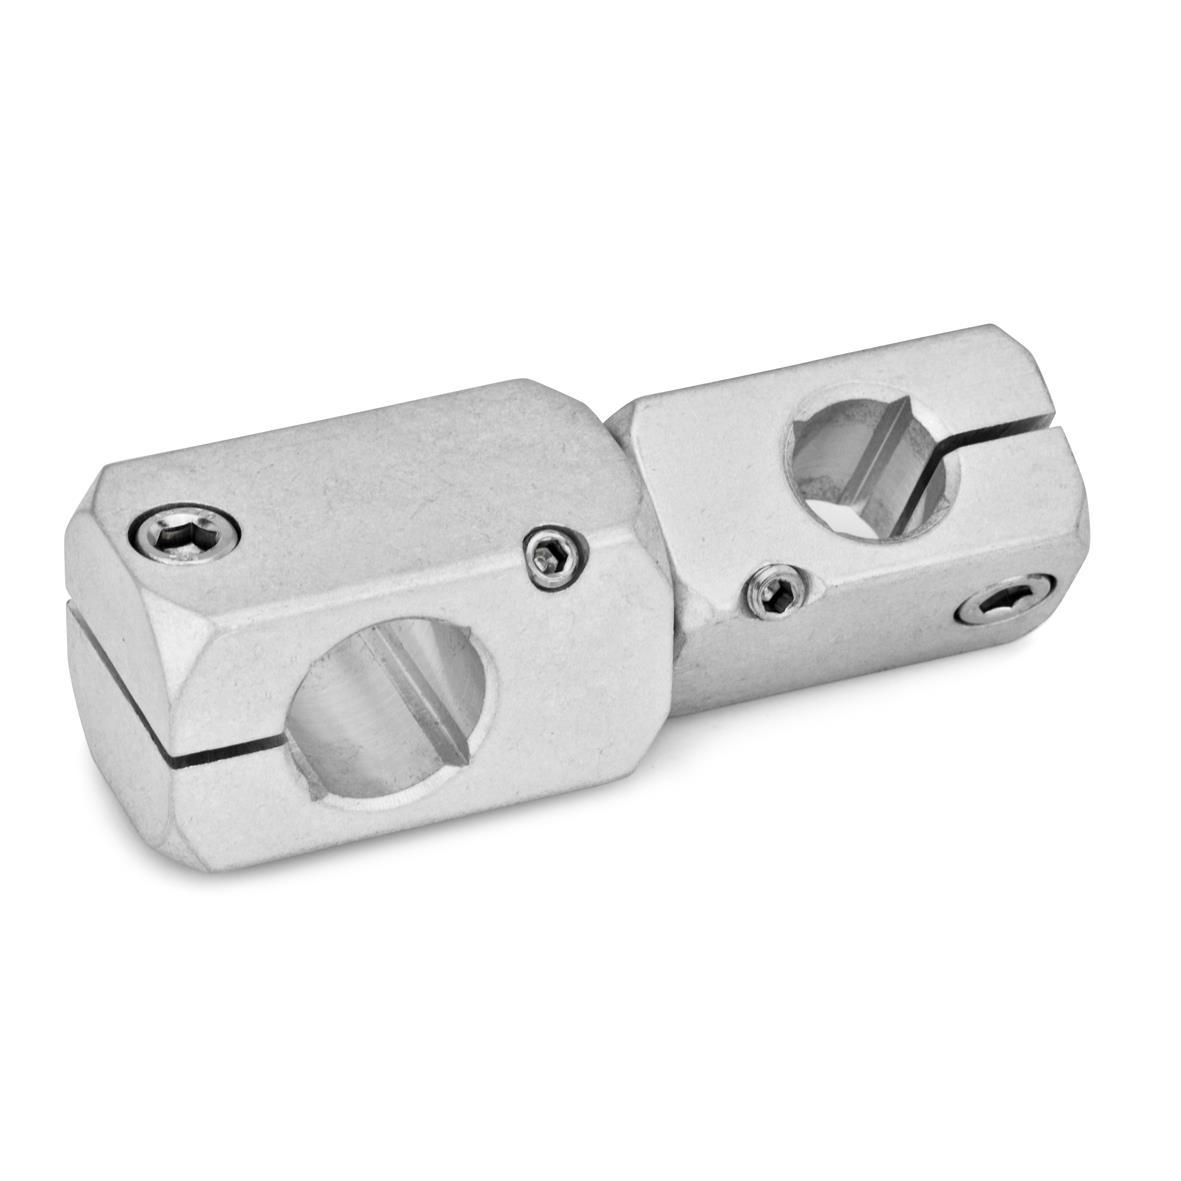 GN 475 Aluminium, mini-noix de serrage orthogonales réglables Finition: MT - Finition mate, barattée lisse